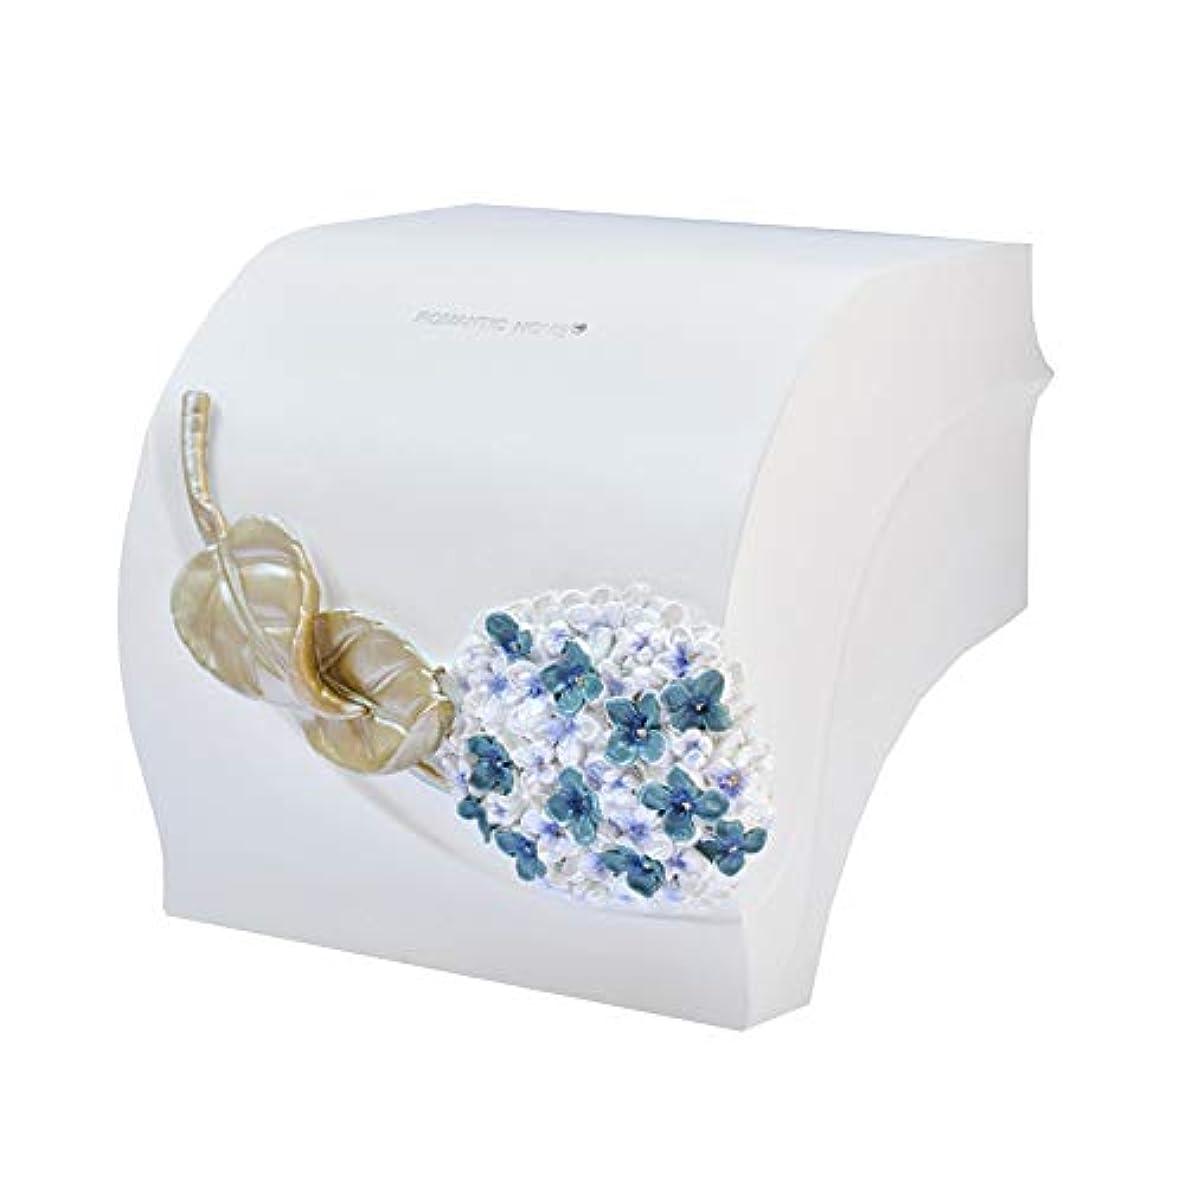 それら楽しませるすりZZLX 紙タオルホルダー、北欧家庭パンチ穴壁掛けトイレ防水ティッシュボックストイレットペーパーホルダー ロングハンドル風呂ブラシ (色 : C)